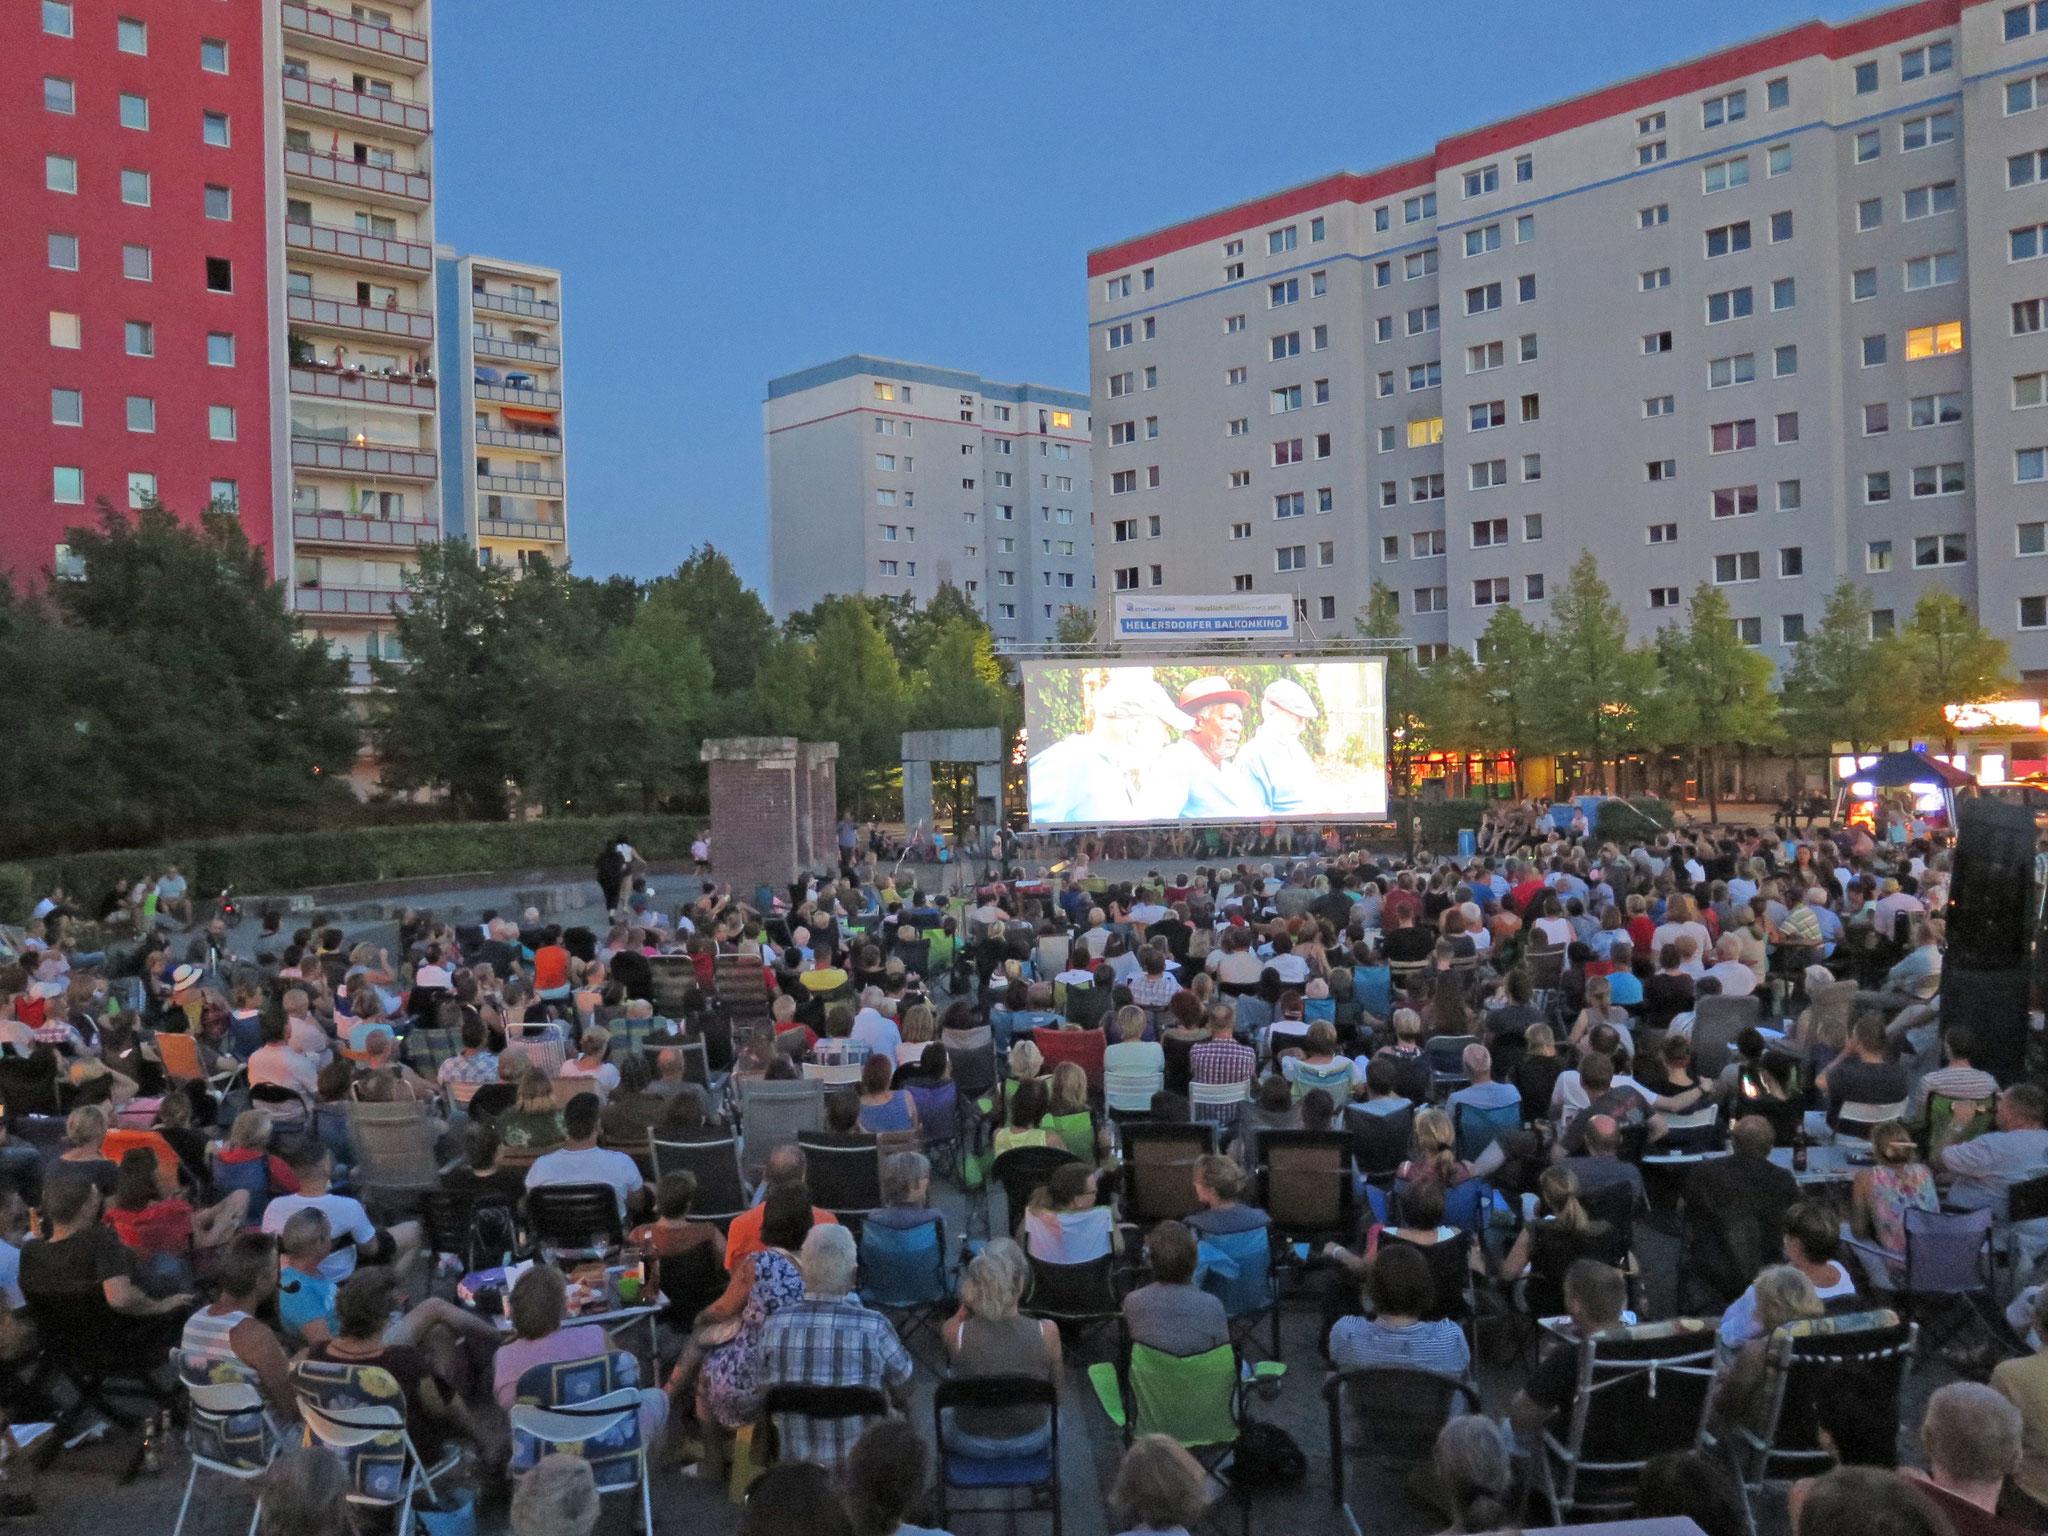 Tipp 1: Balkonkino der Stadt und Land. Eat Pray Love (USA 2010). Wann? Fr, 9.8. Filmstart: 21.15 Uhr, Live-Musik ab 19 Uhr (Peter B. Partyband). Wo? Cecilienplatz, U-Bhf. Kaulsdorf-Nord